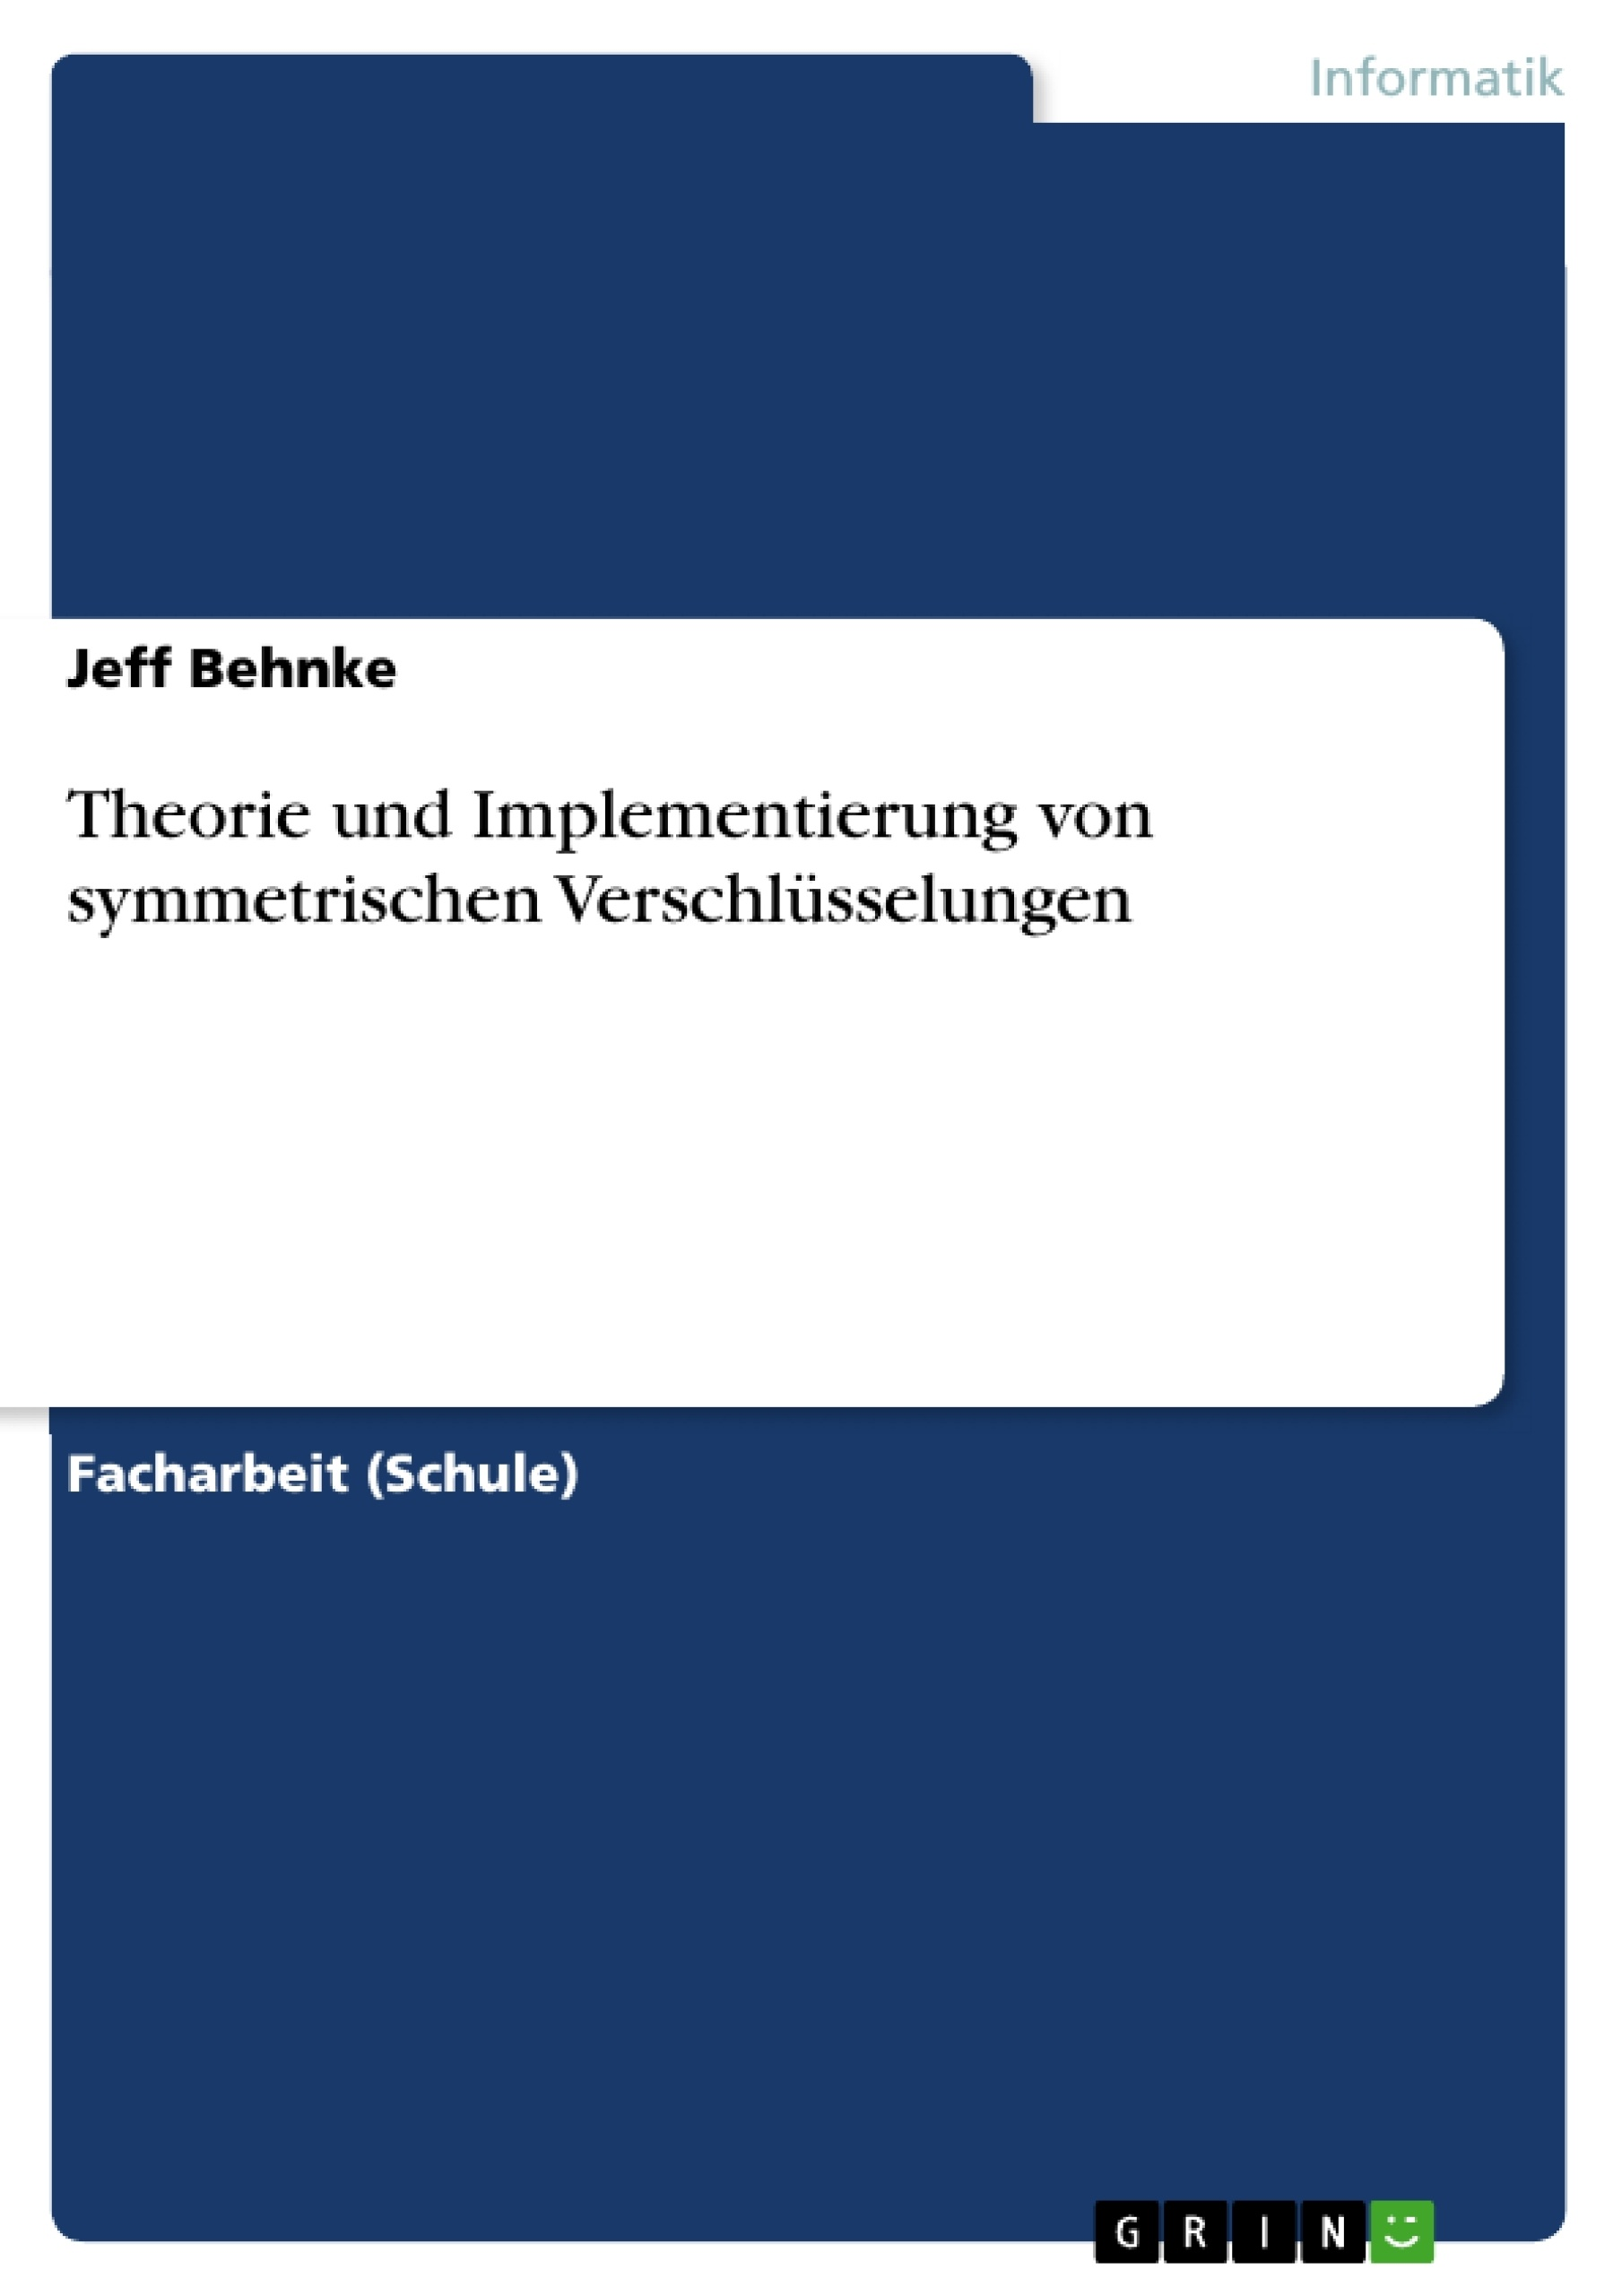 Titel: Theorie und Implementierung von symmetrischen Verschlüsselungen